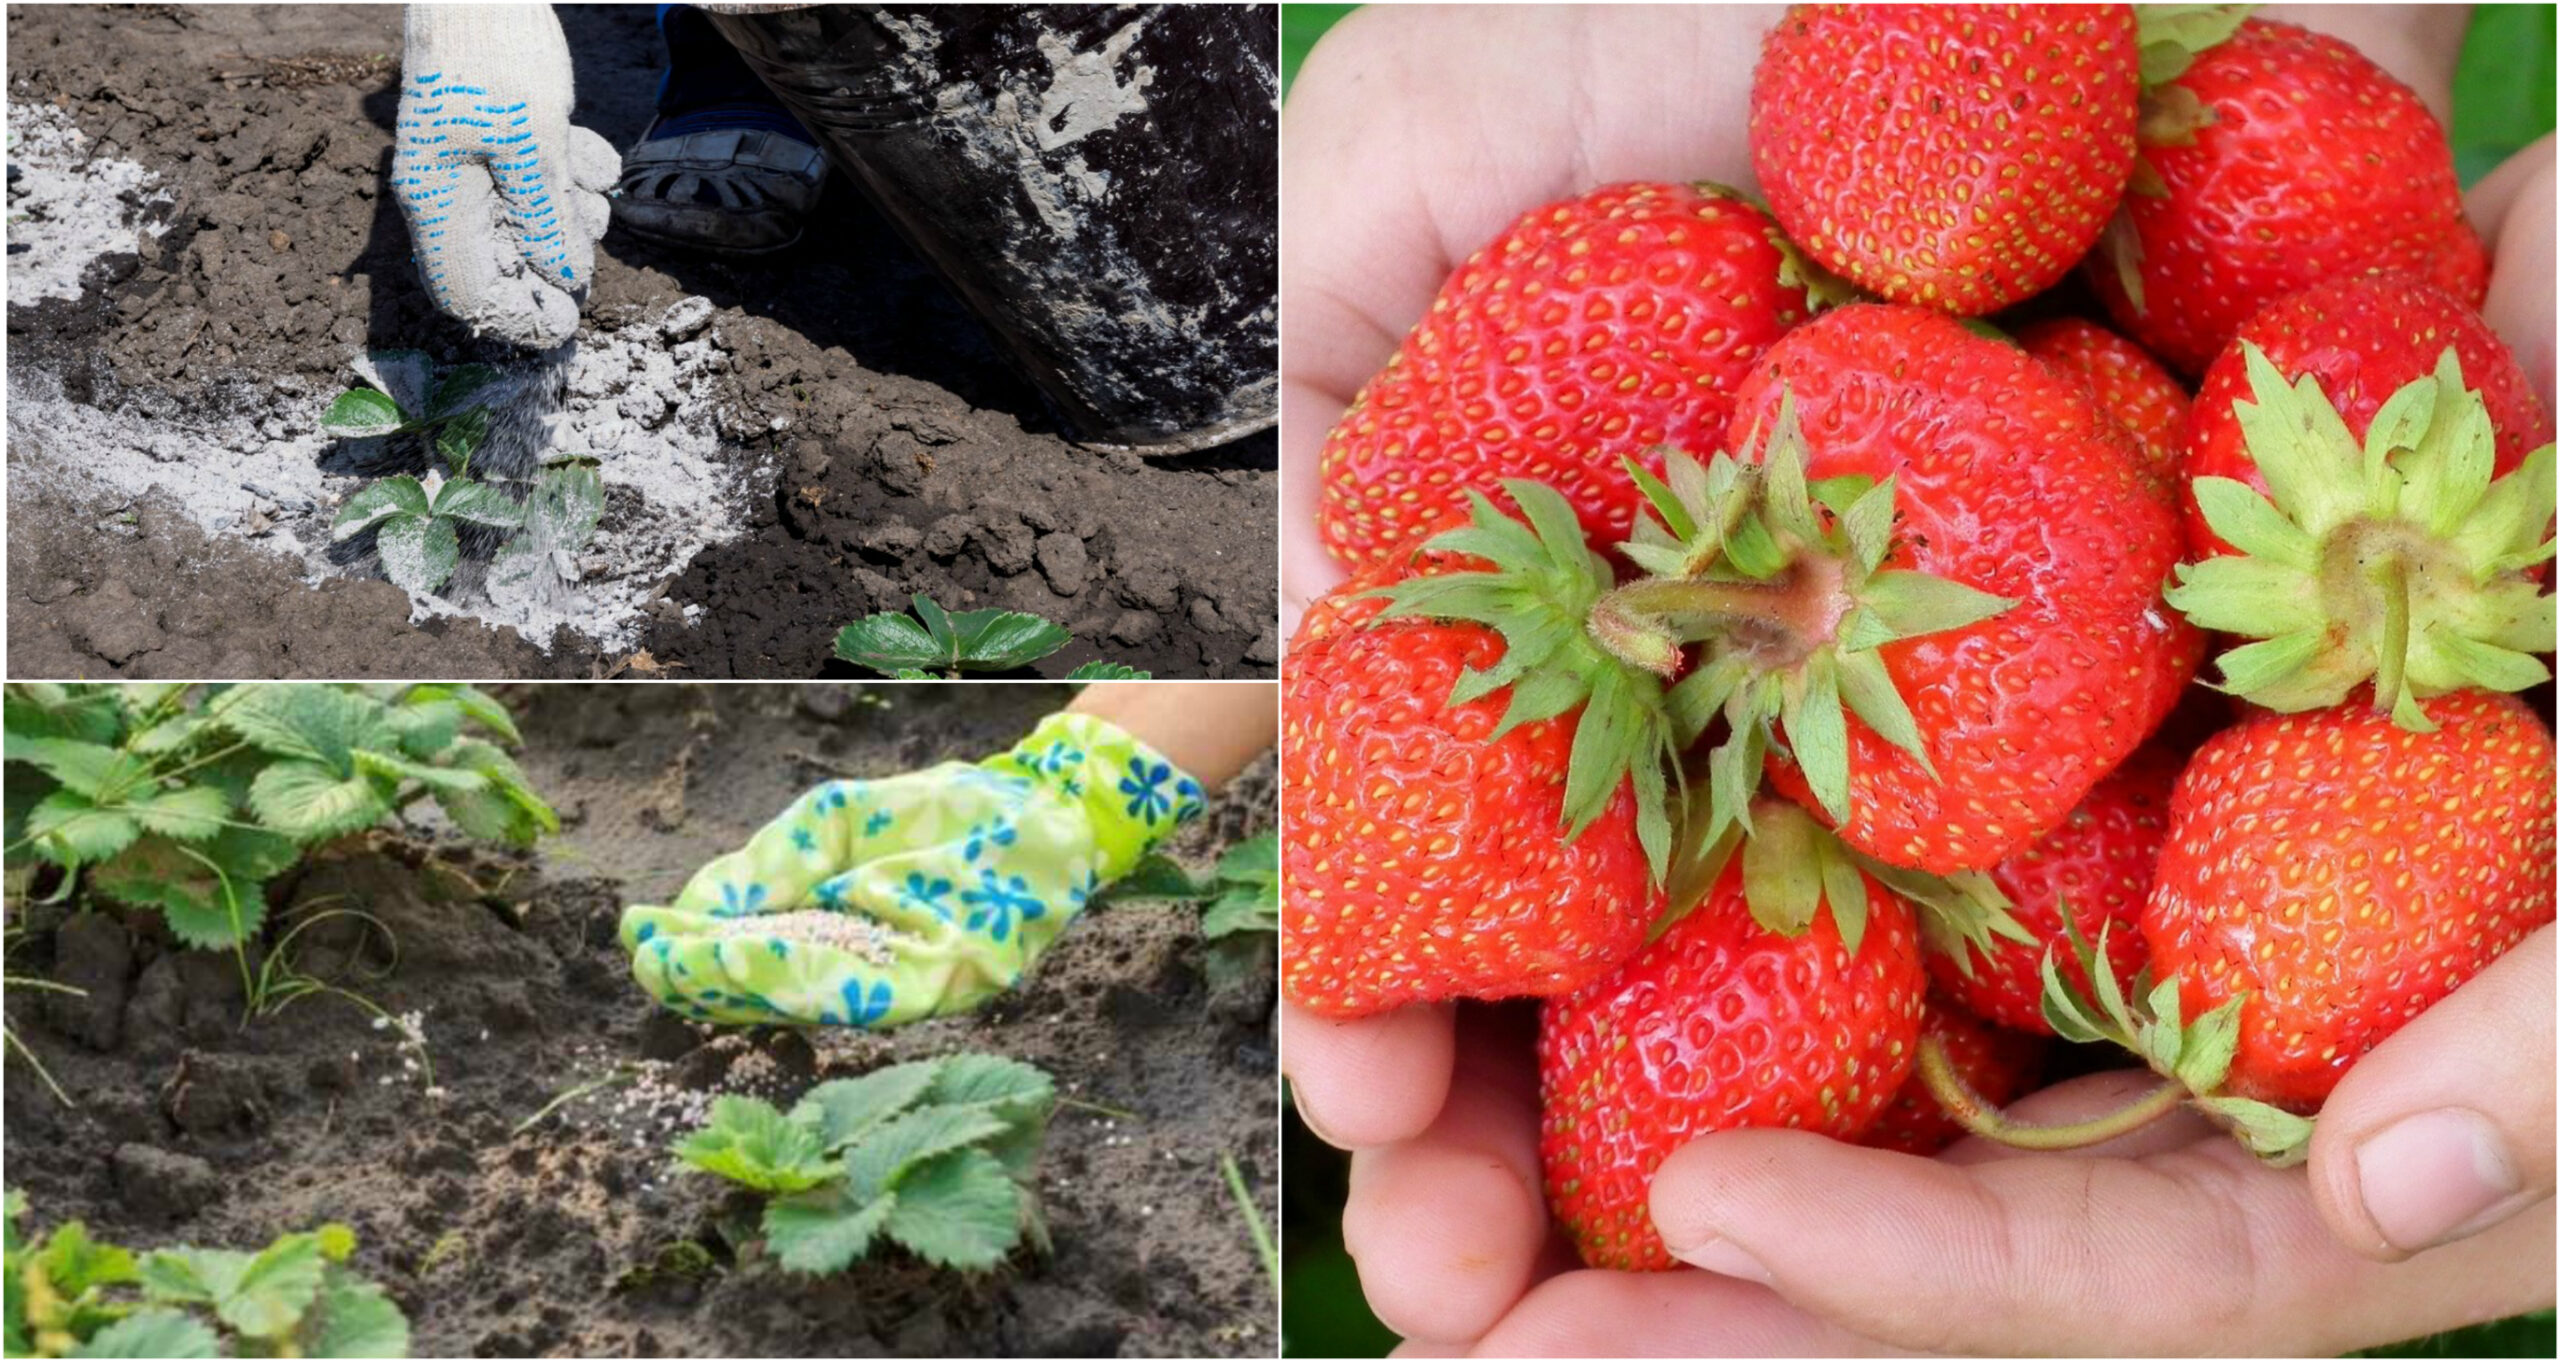 Як правильно, та чим підживити полуницю весною, щоб вродила гарна та велика